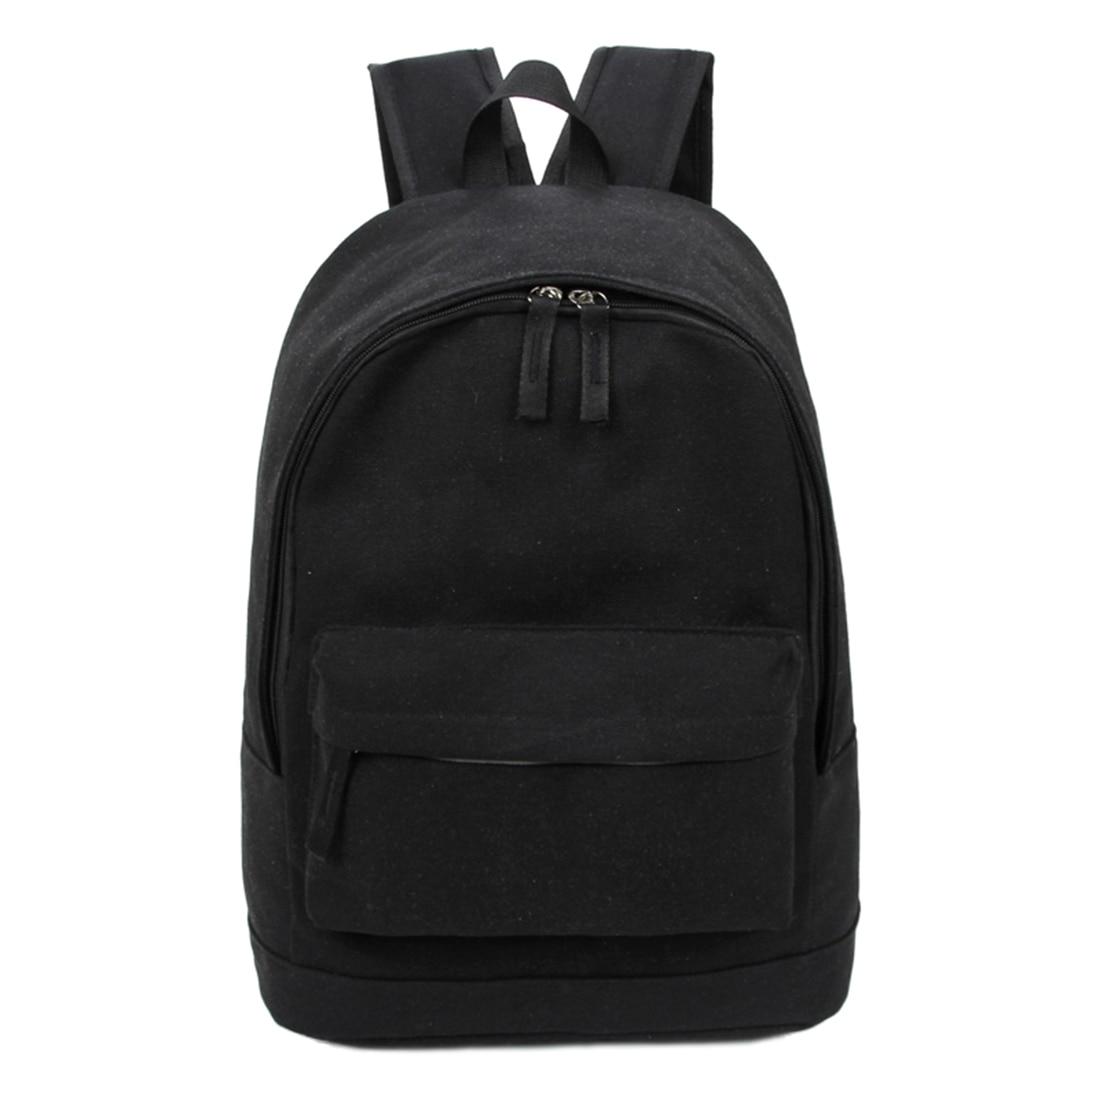 Mochila de moda de estilo coreano para hombre y mujer, mochila suave de estilo Preppy, mochilas escolares Unisex, bolsa de lona de gran capacidad